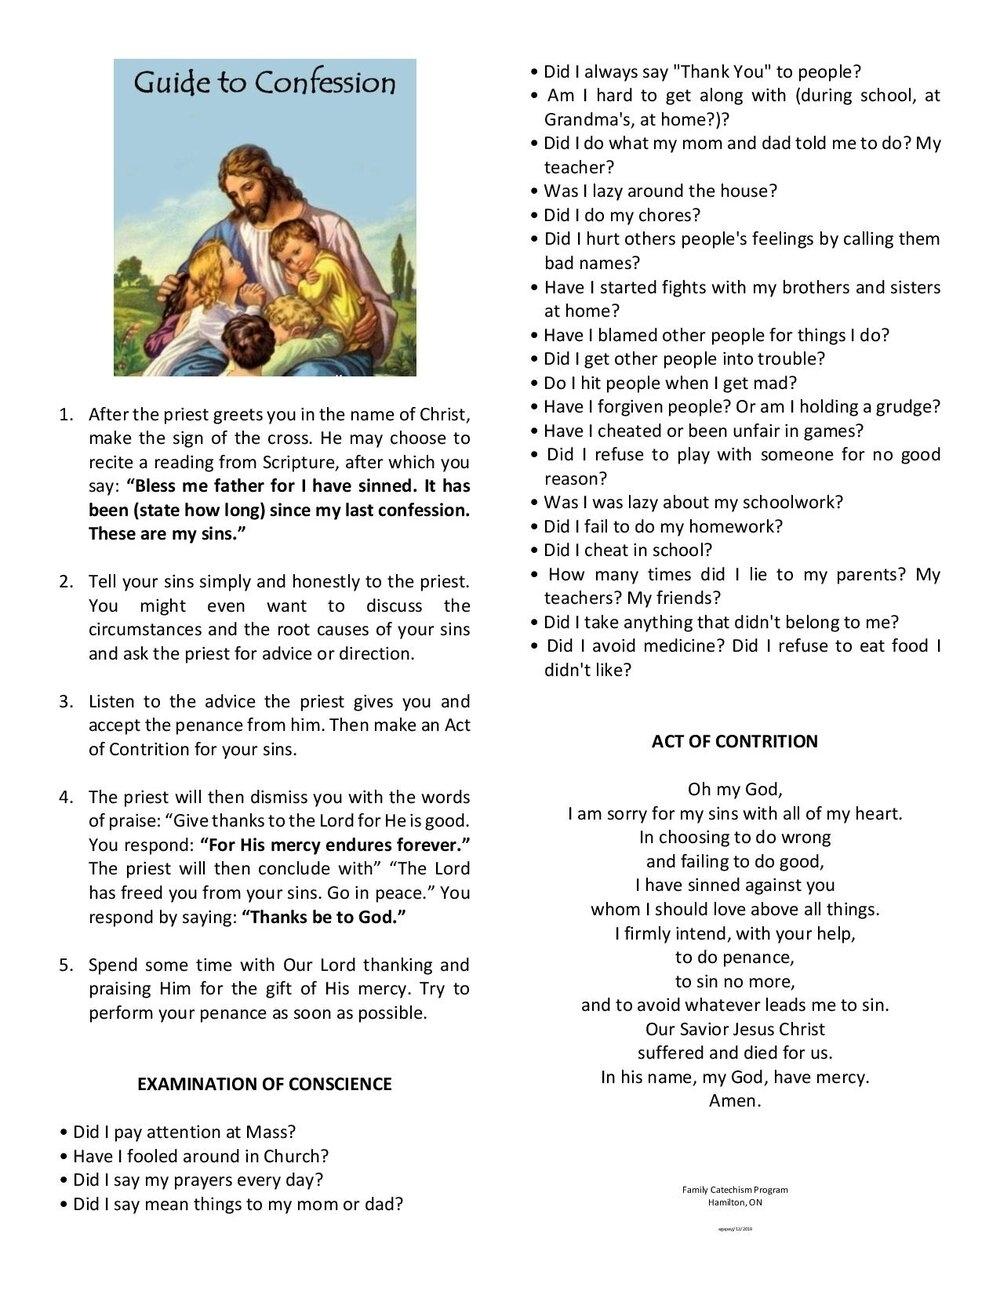 Take Catholic Liturgical Calendar For Exam